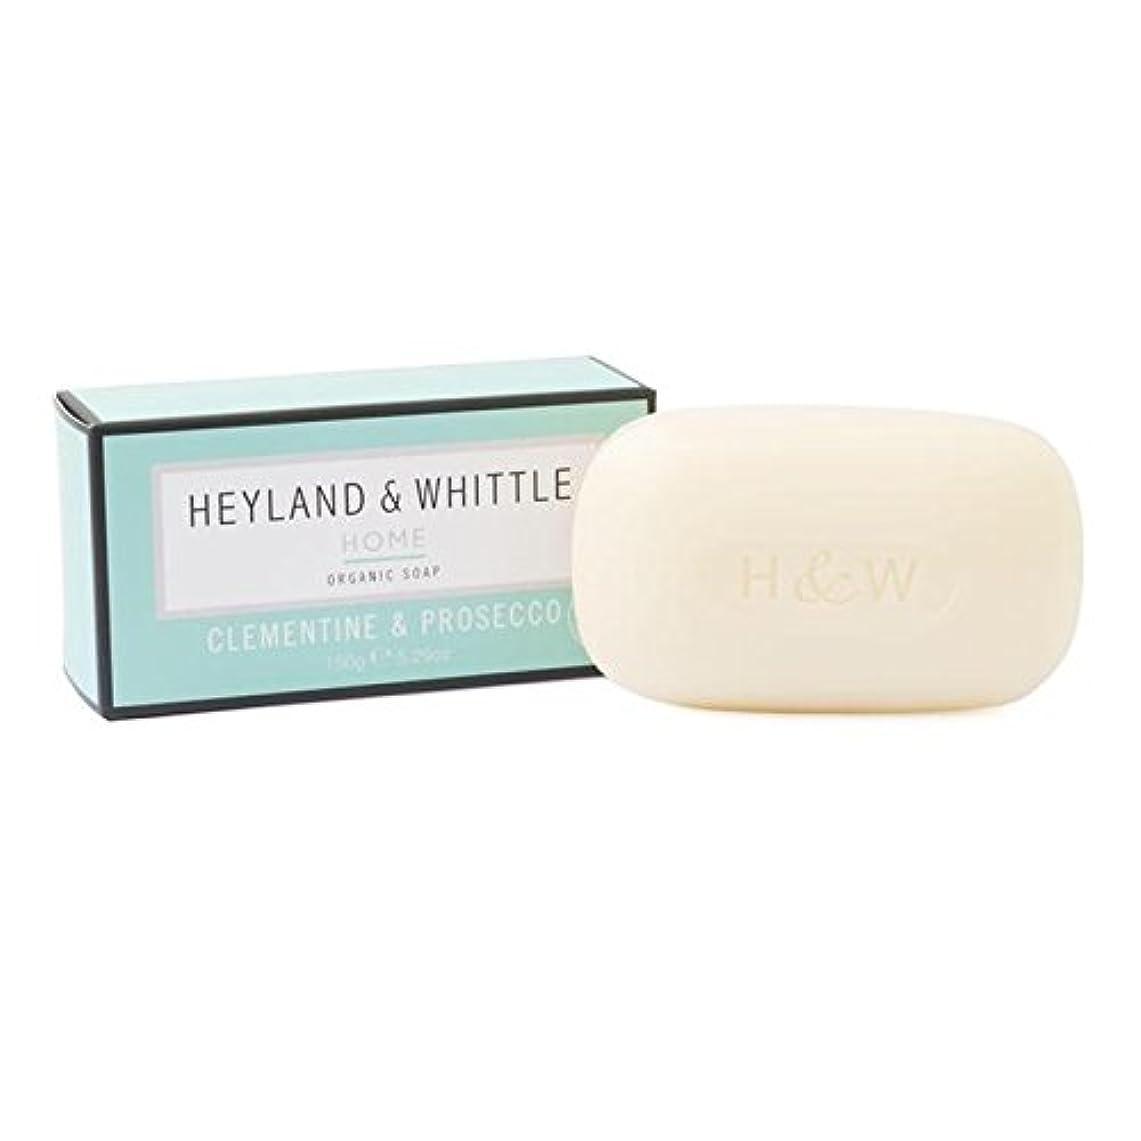 魔女独裁者有効な&削るホームクレメンタイン&プロセッコ有機石鹸150グラム x2 - Heyland & Whittle Home Clementine & Prosecco Organic Soap 150g (Pack of 2) [並行輸入品]